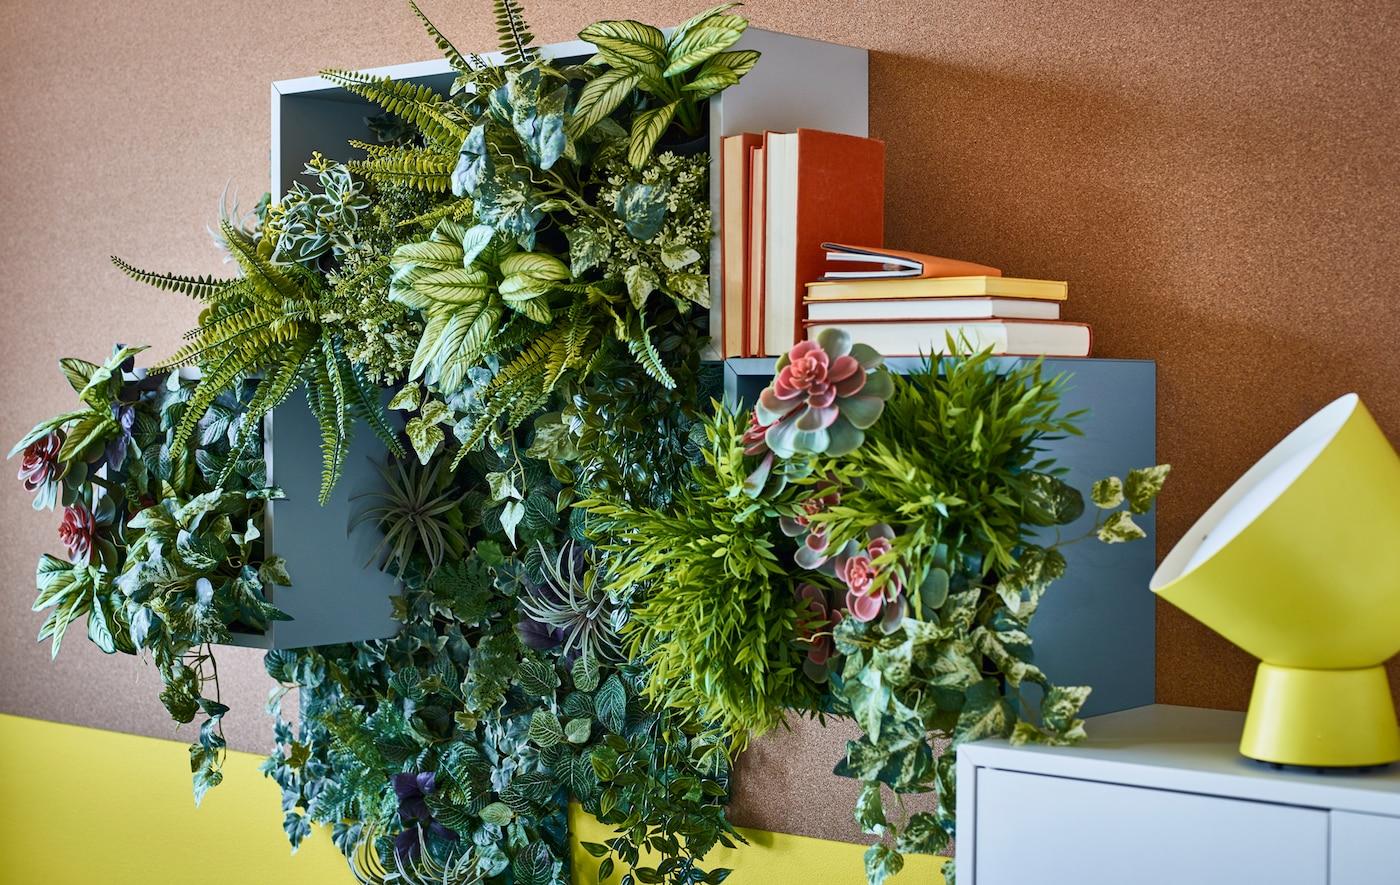 Wand versierd met kunstplanten in open kastjes.